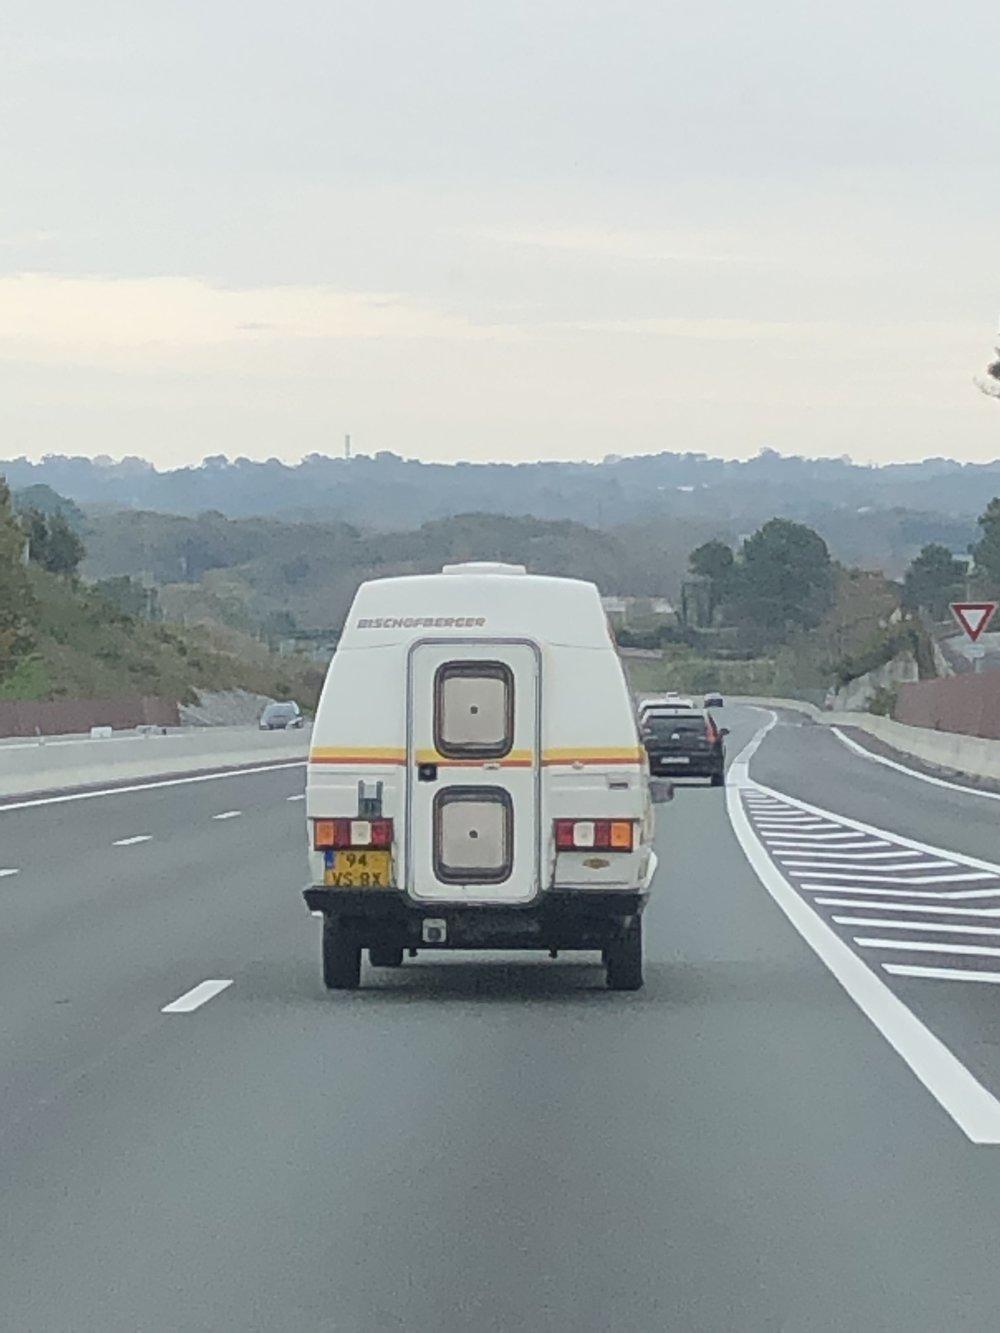 高速っぽくない高速。日本の高速は過保護?!横に高い塀があって閉鎖感あるけどこっちはなんでもオープン。 自己責任。